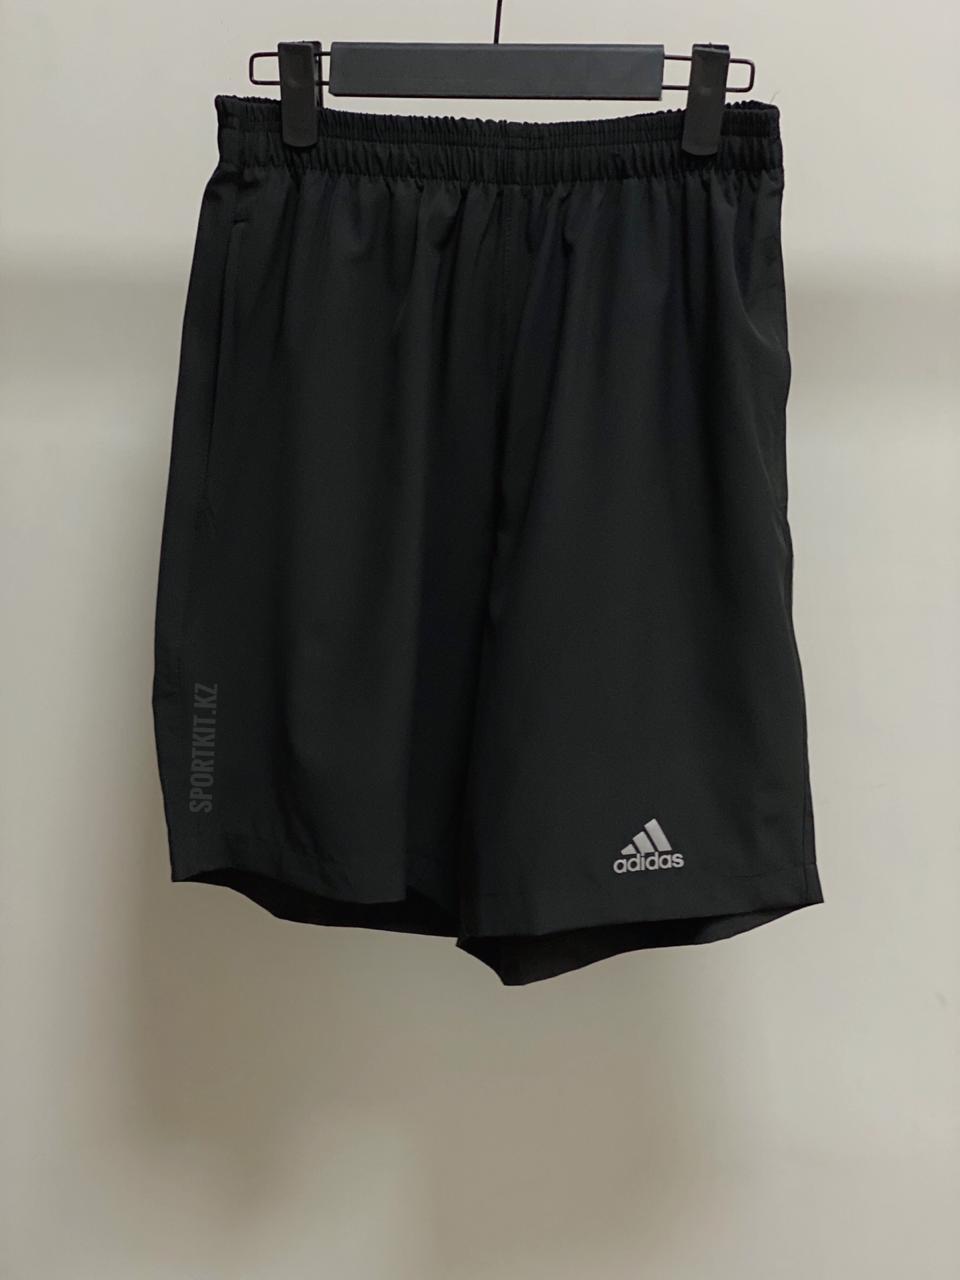 Рашгард 5 в 1 Adidas комплект - фото 1